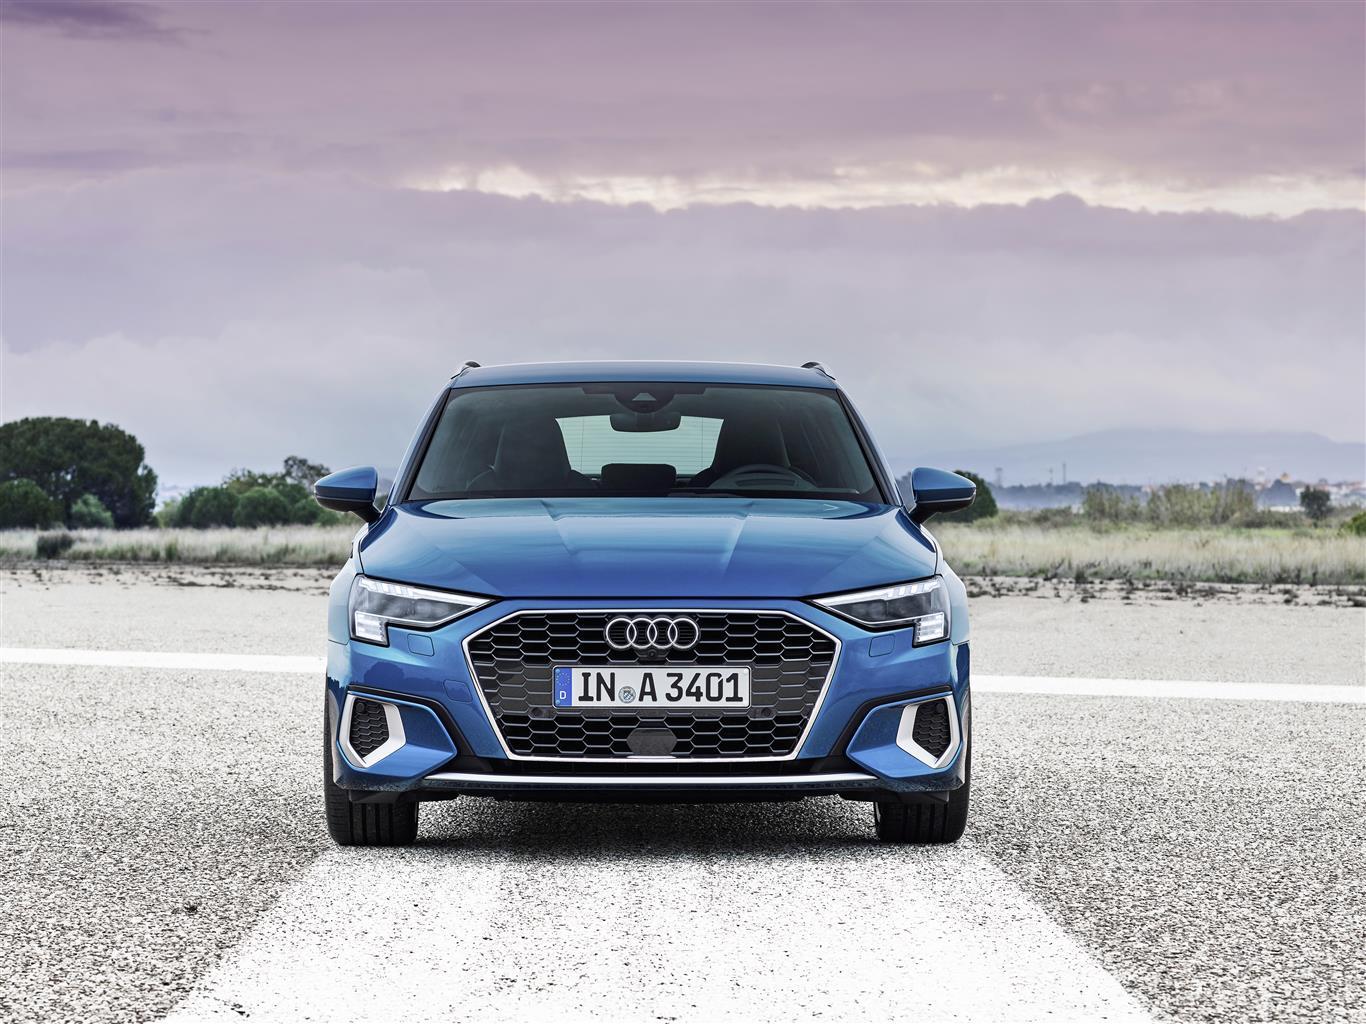 Quanto costa noleggiare la nuova Audi A3 Sportback?